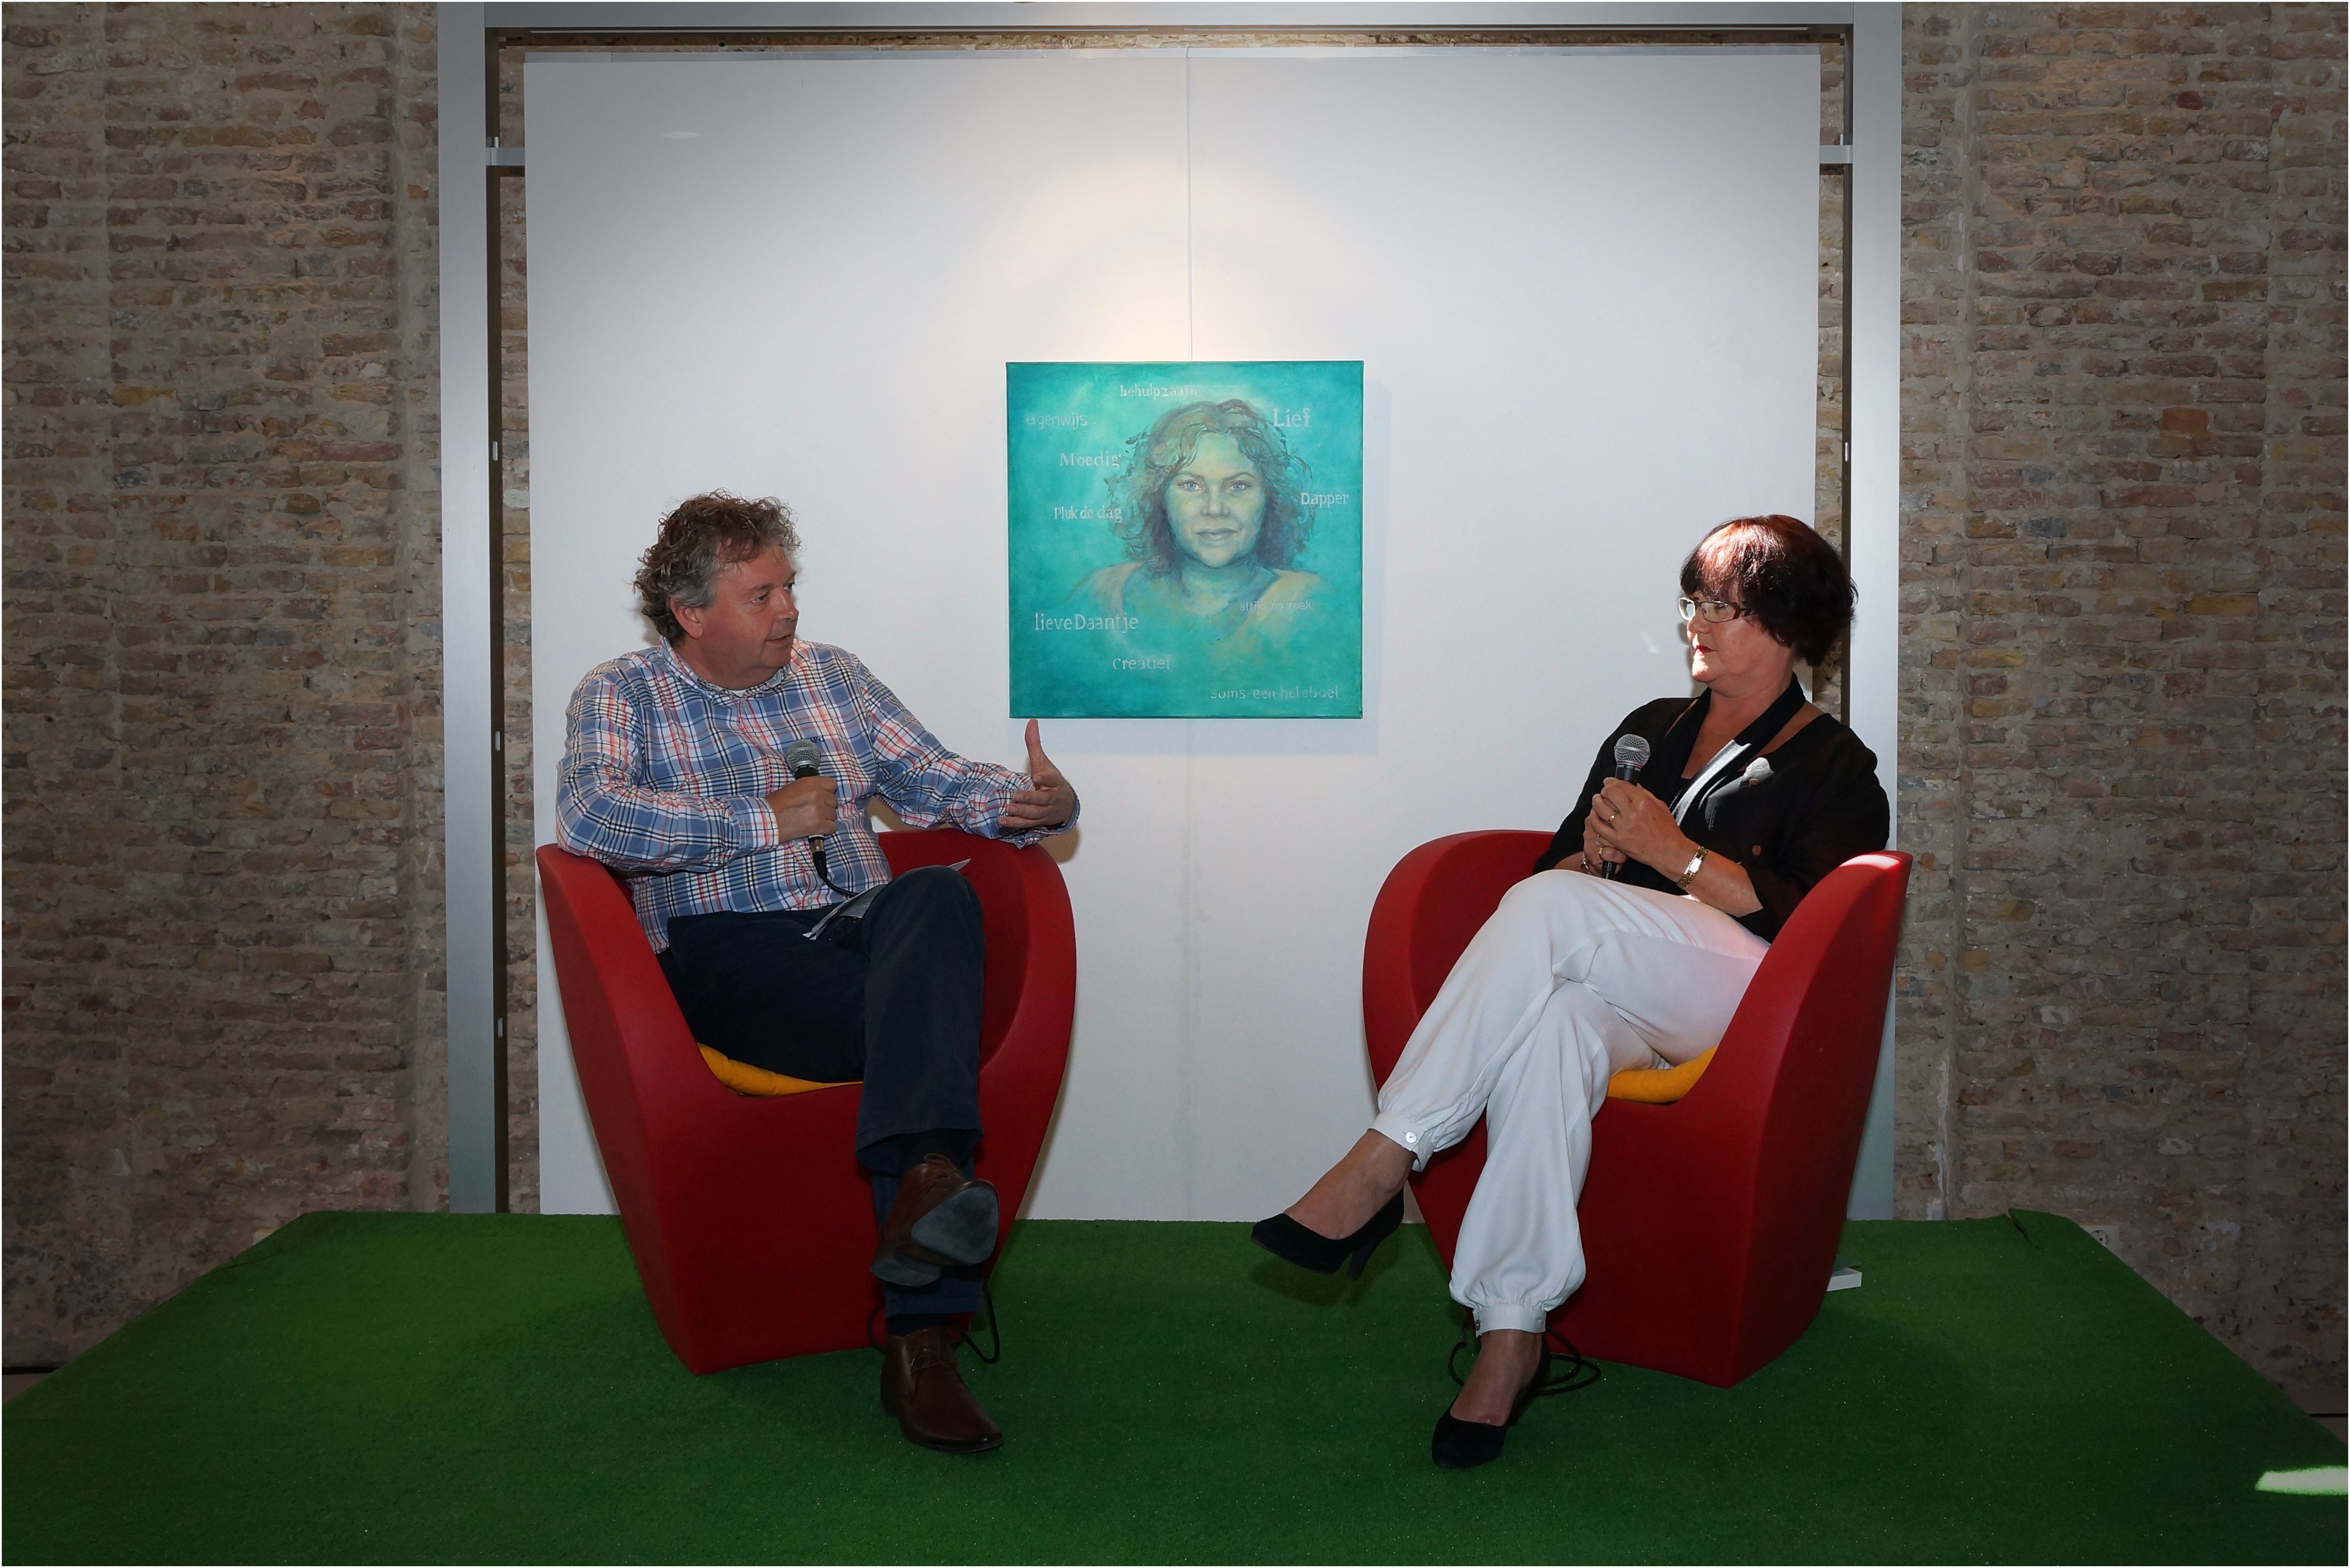 Bekijk het interview van de boekpresentatie